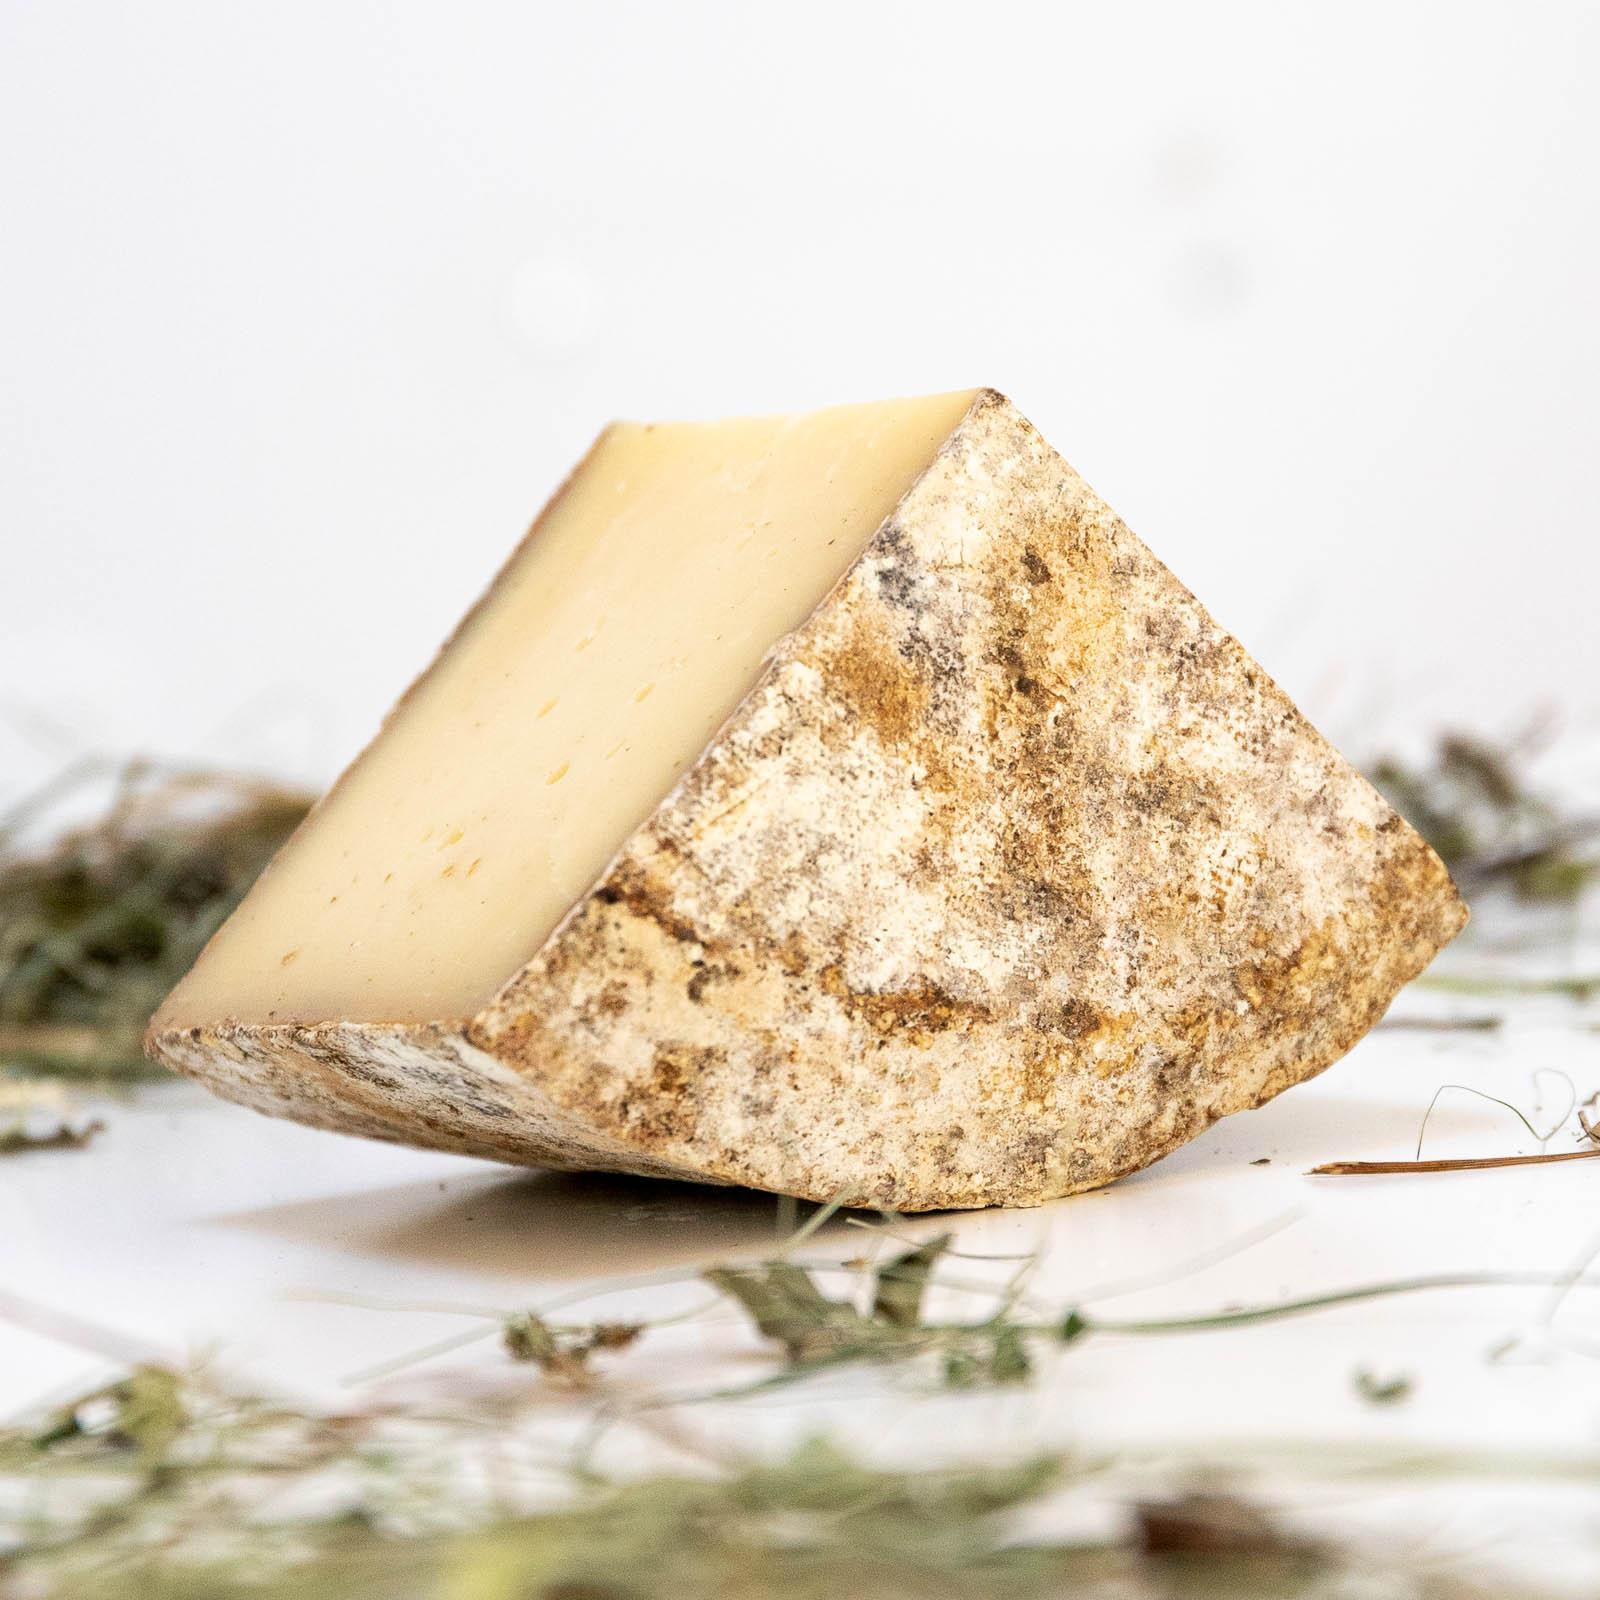 Fetta di formaggio nostrano do pare